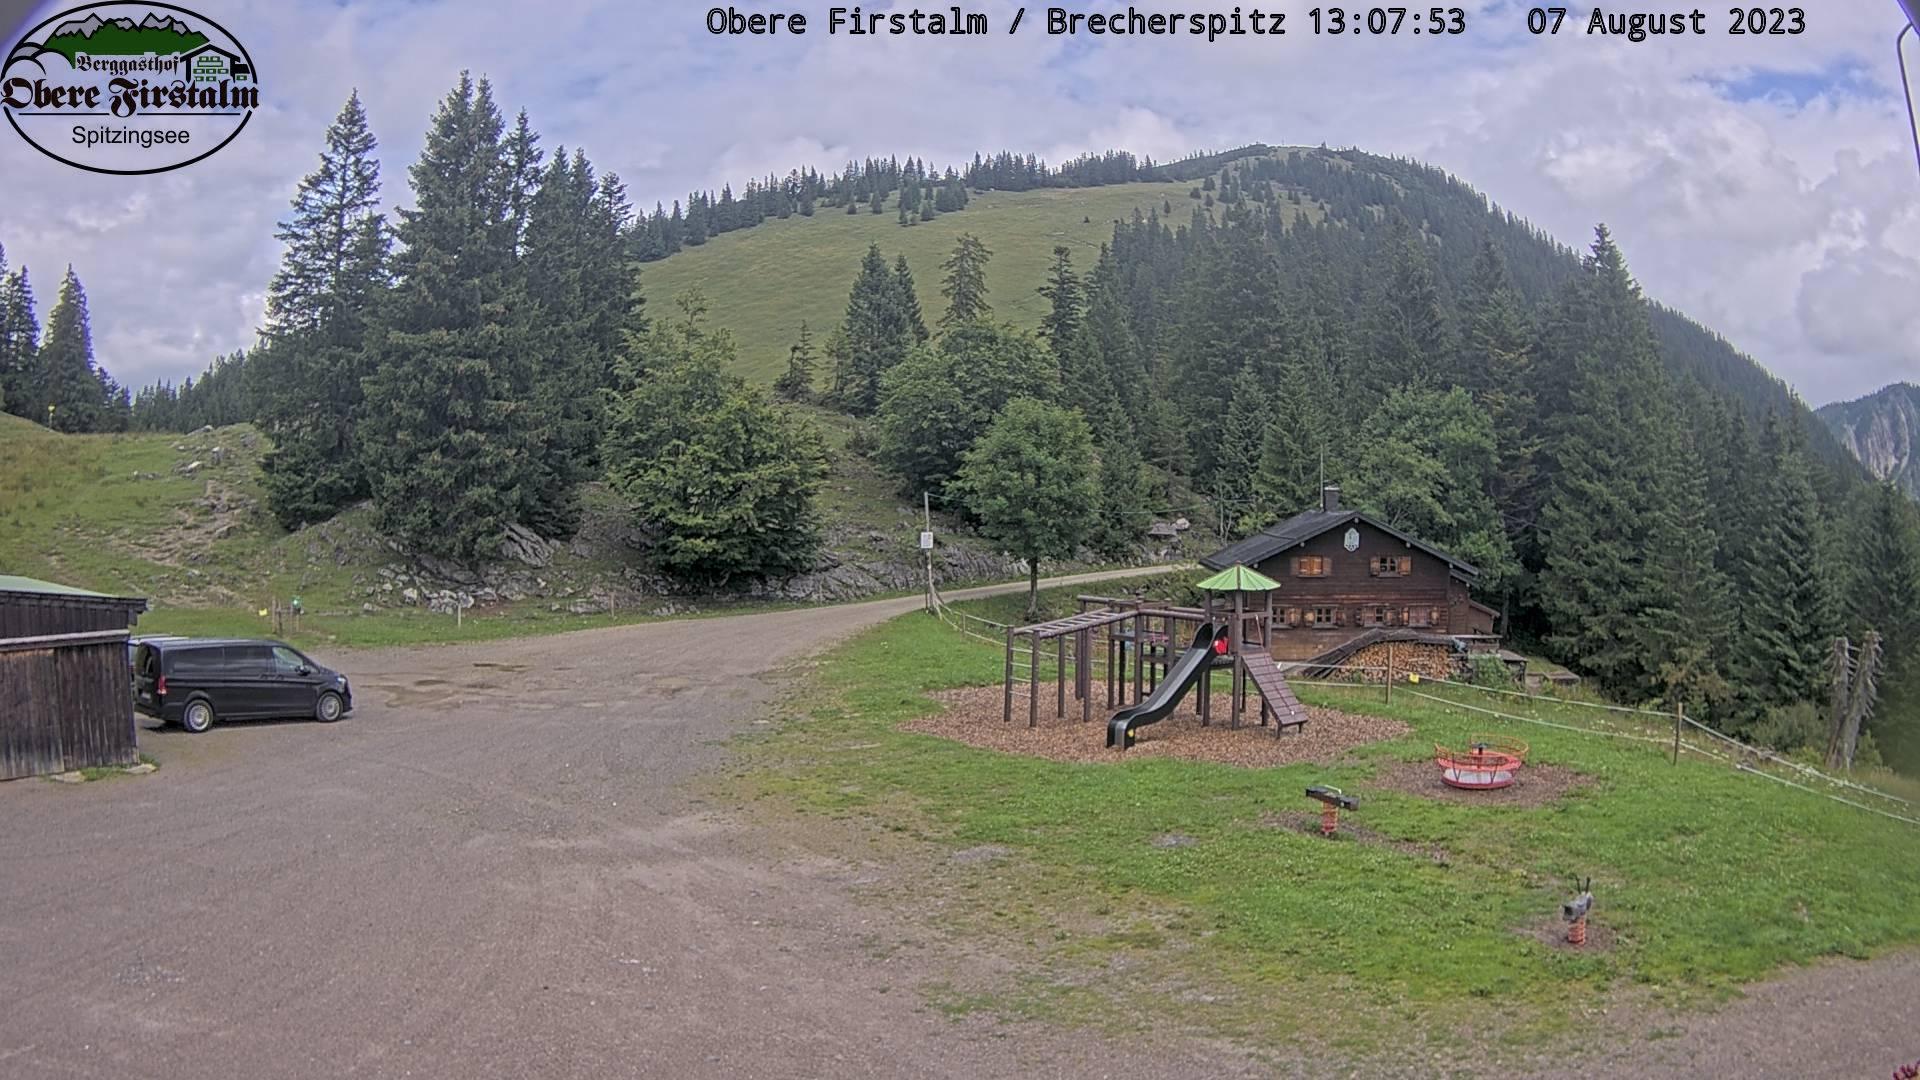 Webcam Obere Firstalm – Bayerische Voralpen